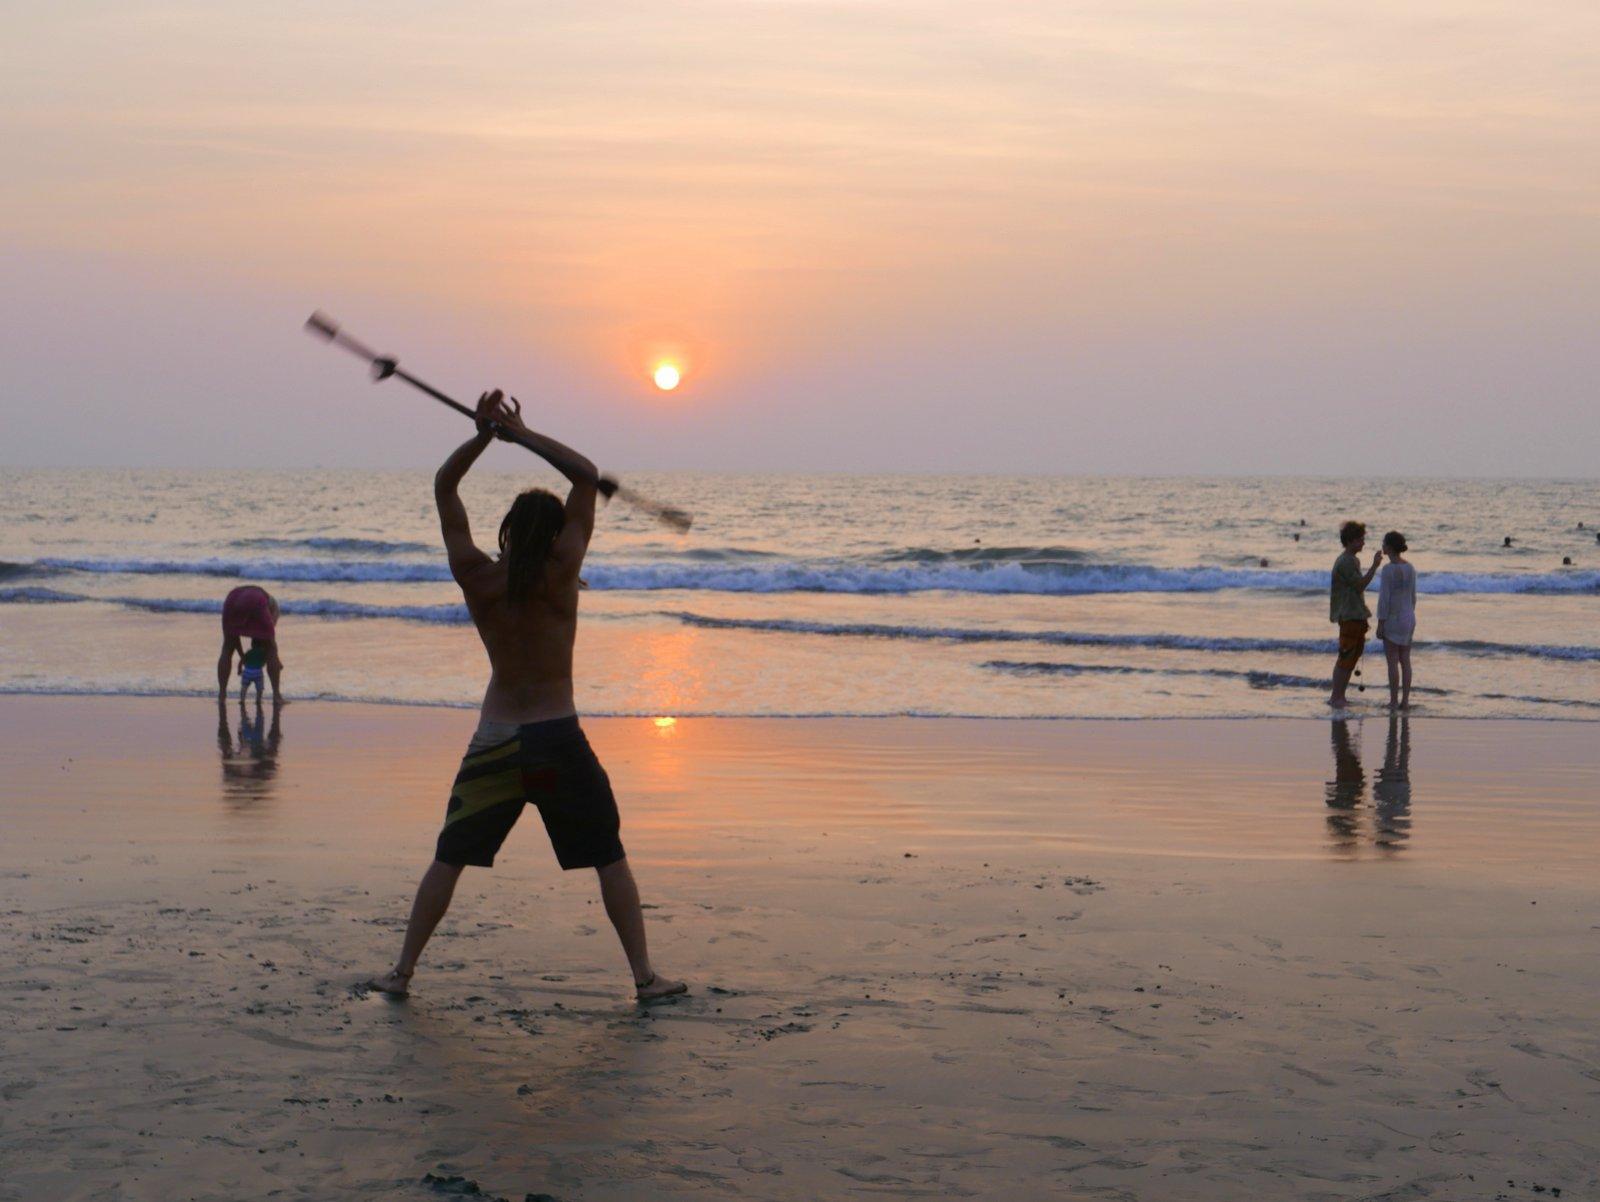 Les jongleurs s'exercent sur la plage d'Arambol à Goa